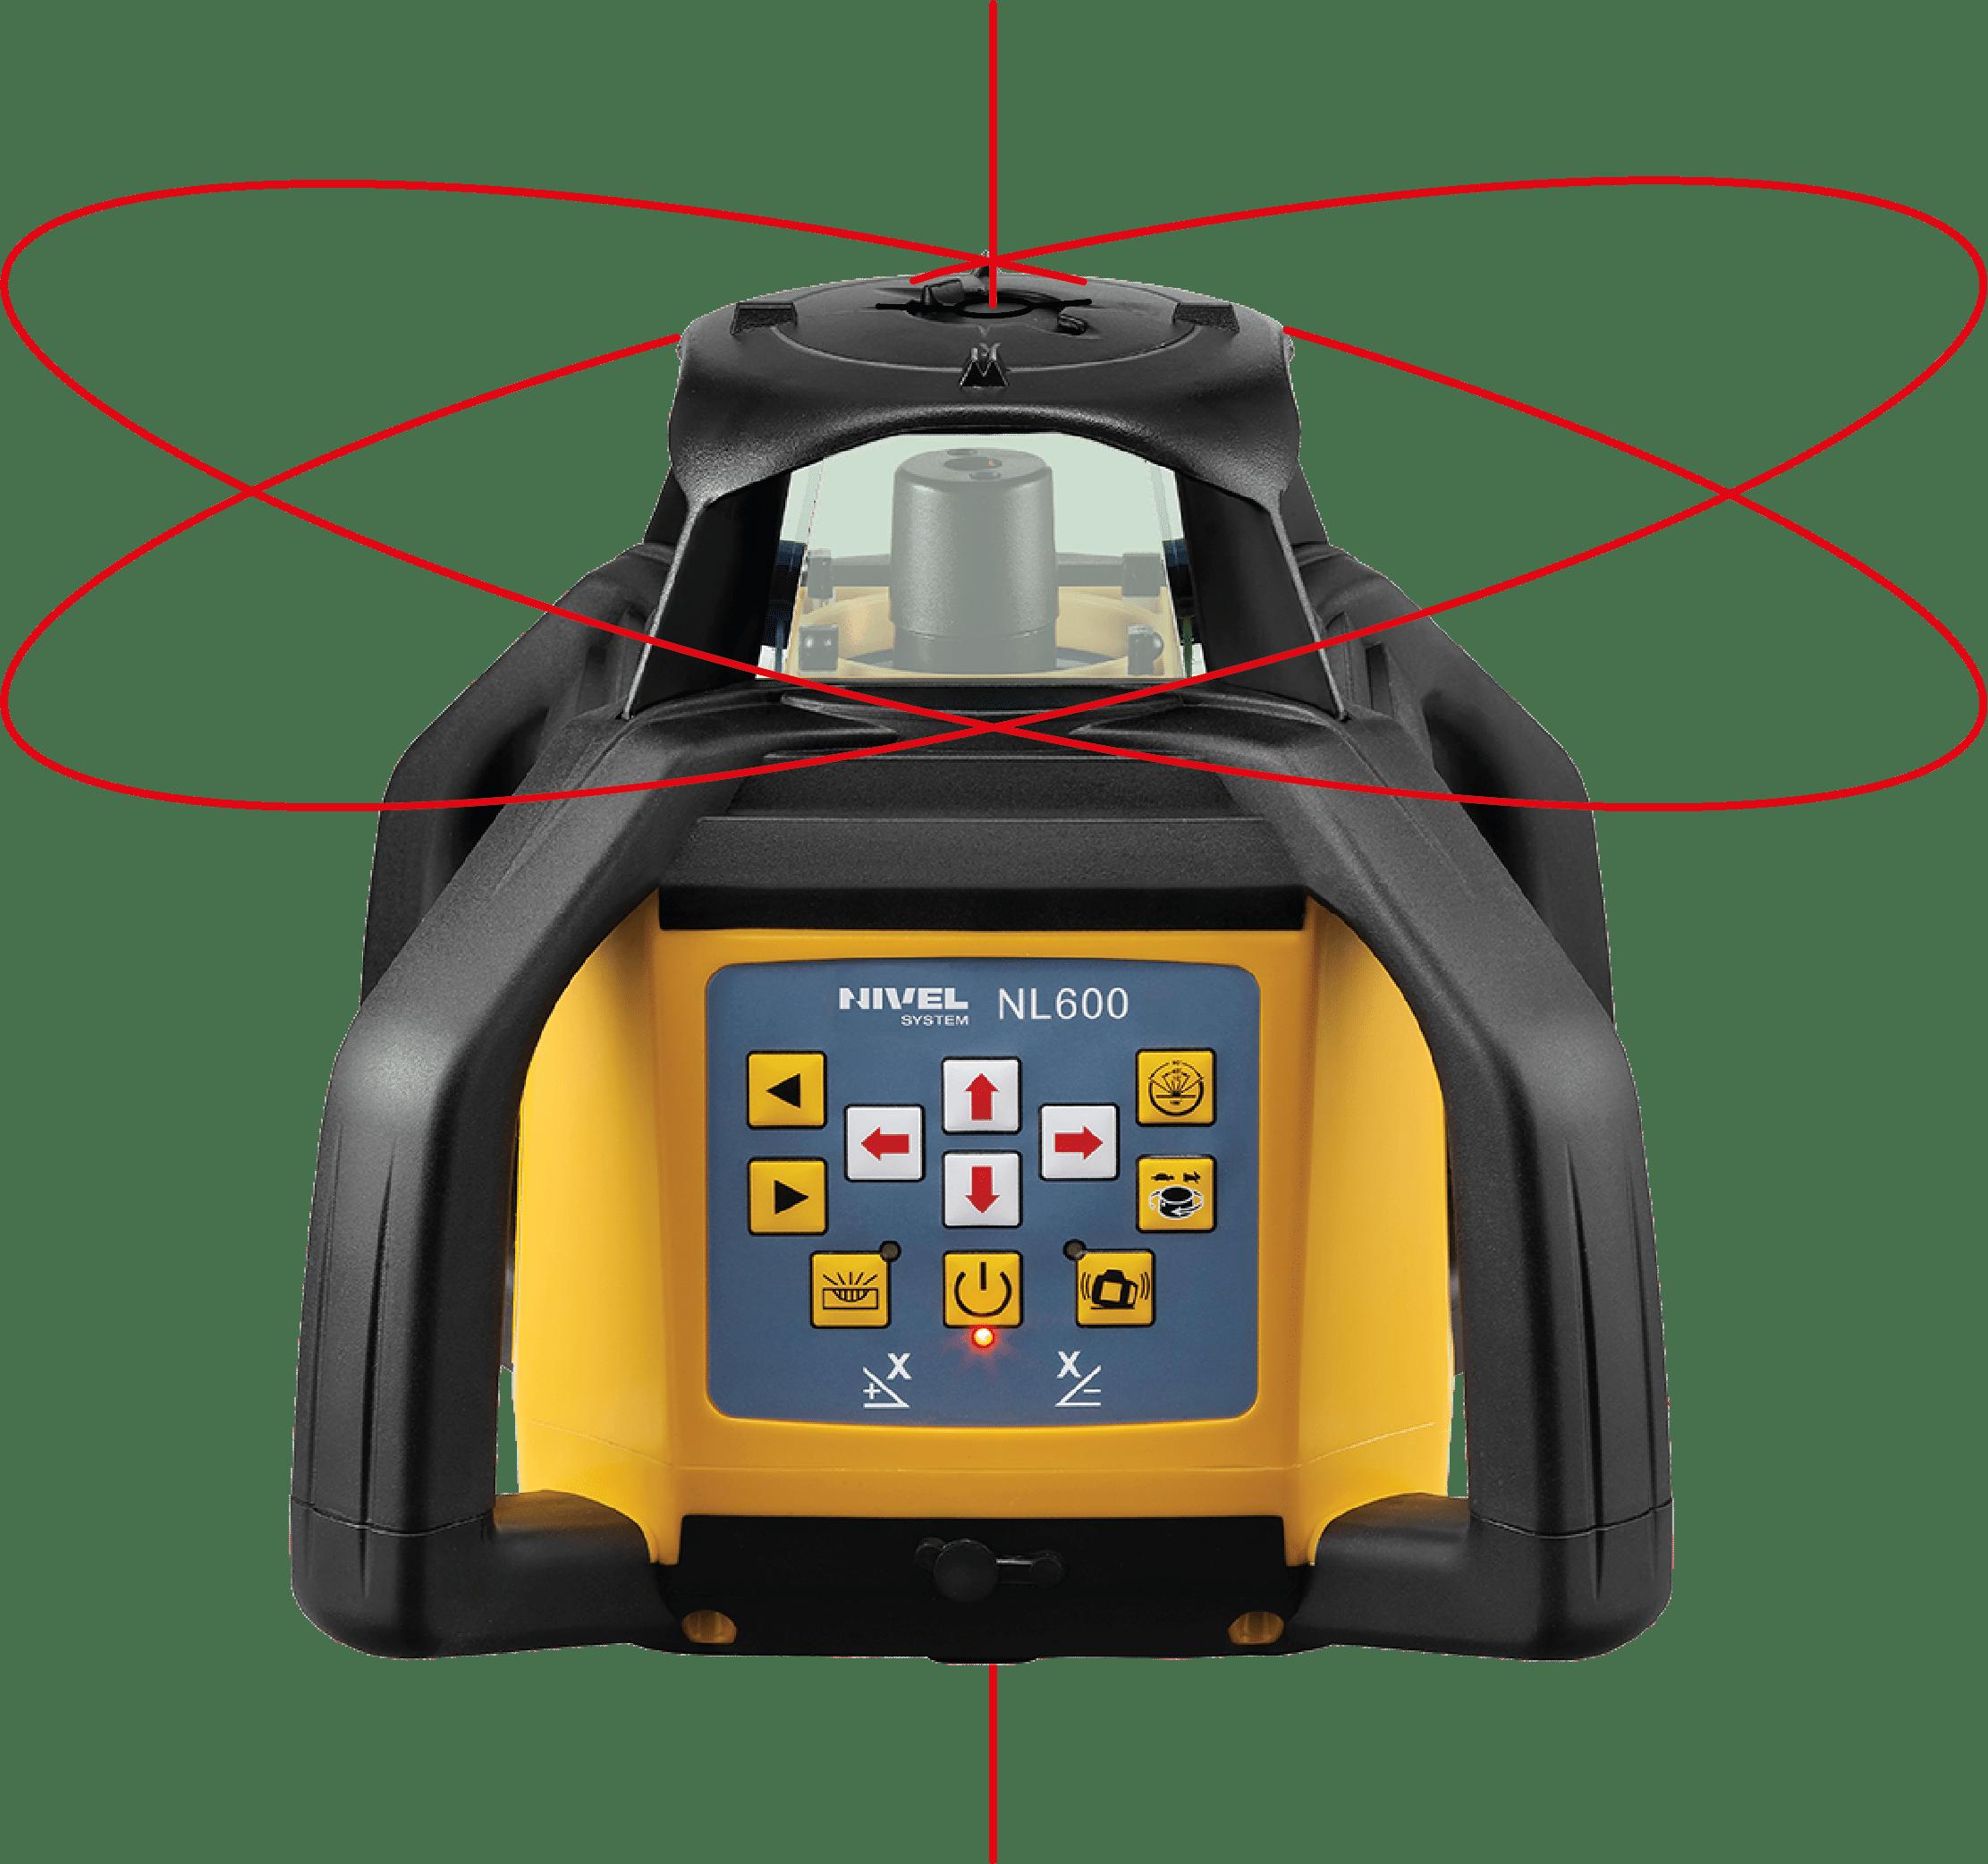 NL schemat